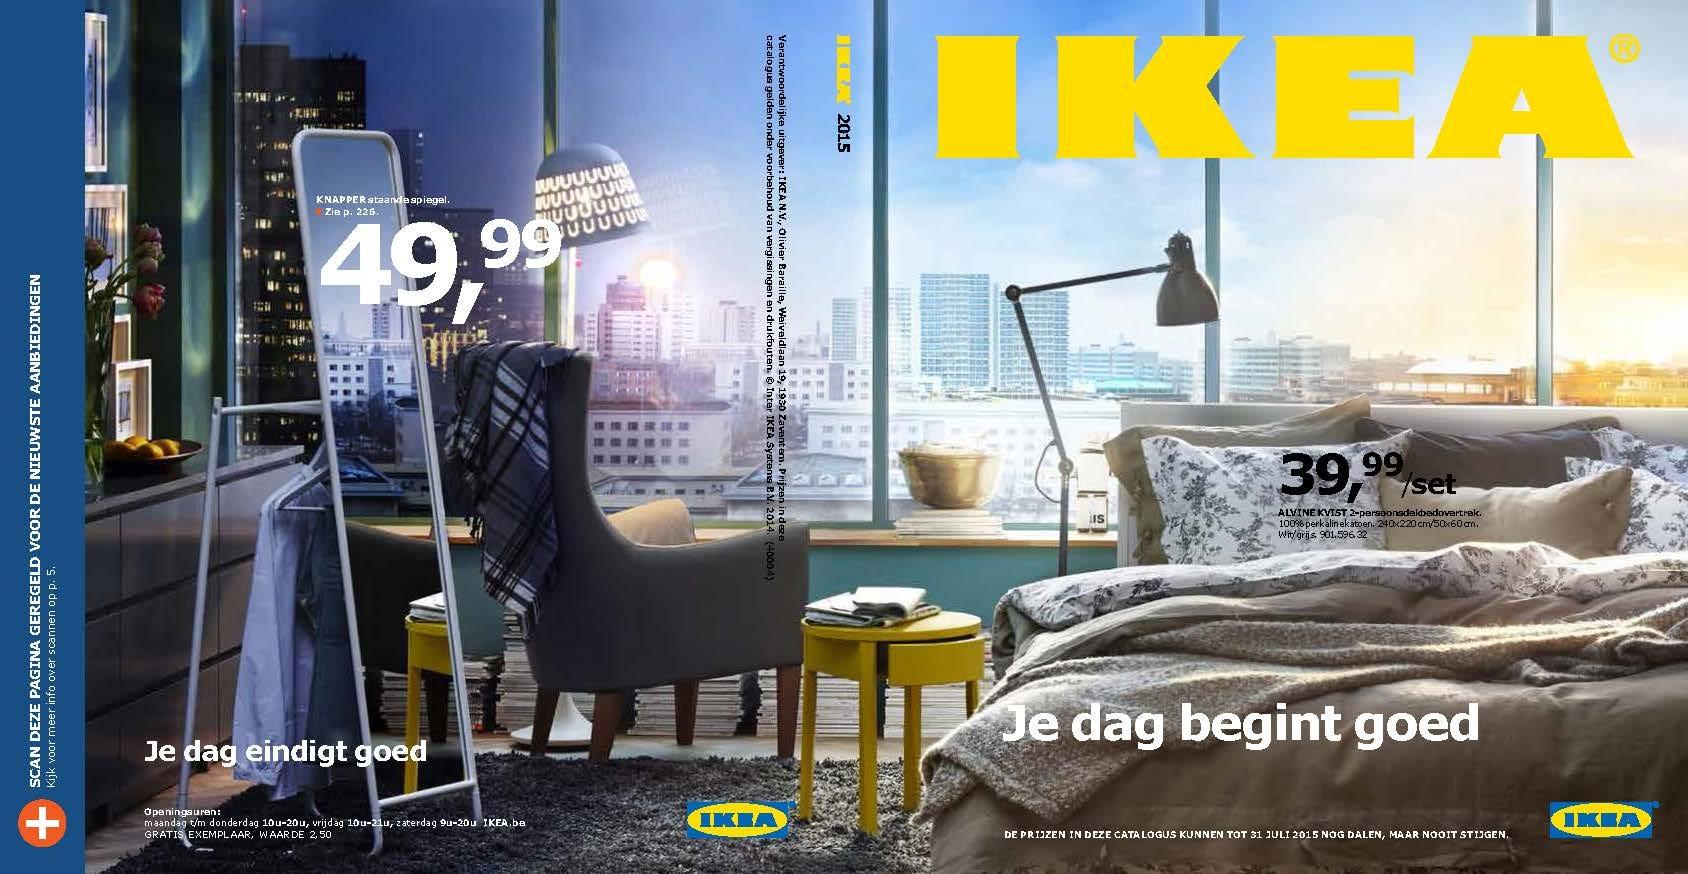 Ikea Slaapkamer Prijs : De nieuwe ikea catalogus 2015 brengt een ode aan de slaapkamer en de